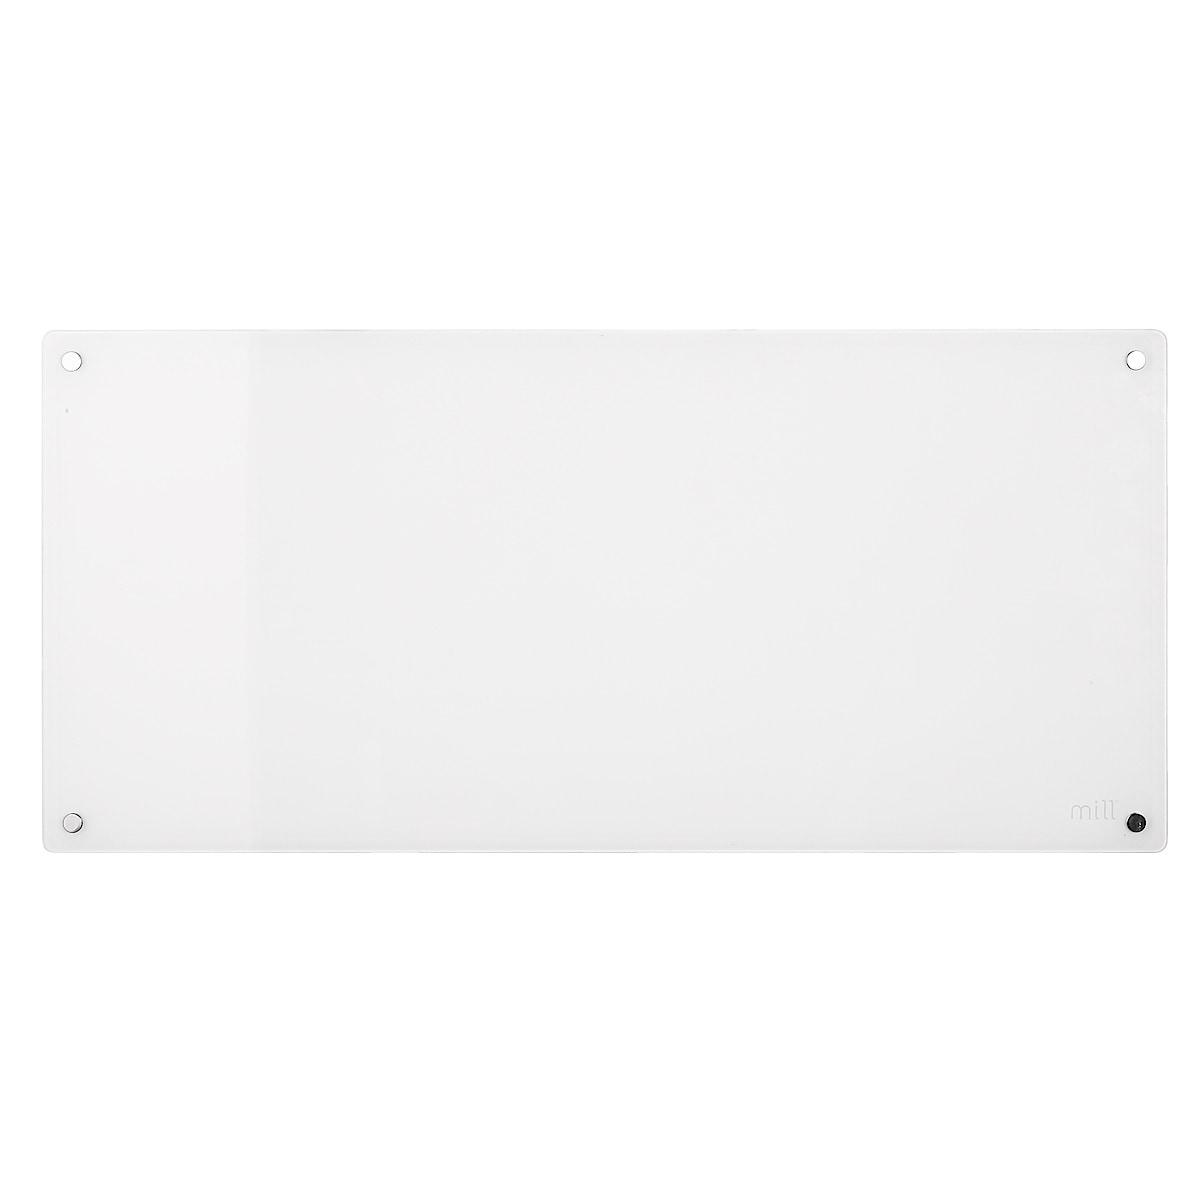 Lämpöpatteri jossa lasinen etuosa Mill MB900DN 900 W 230 V